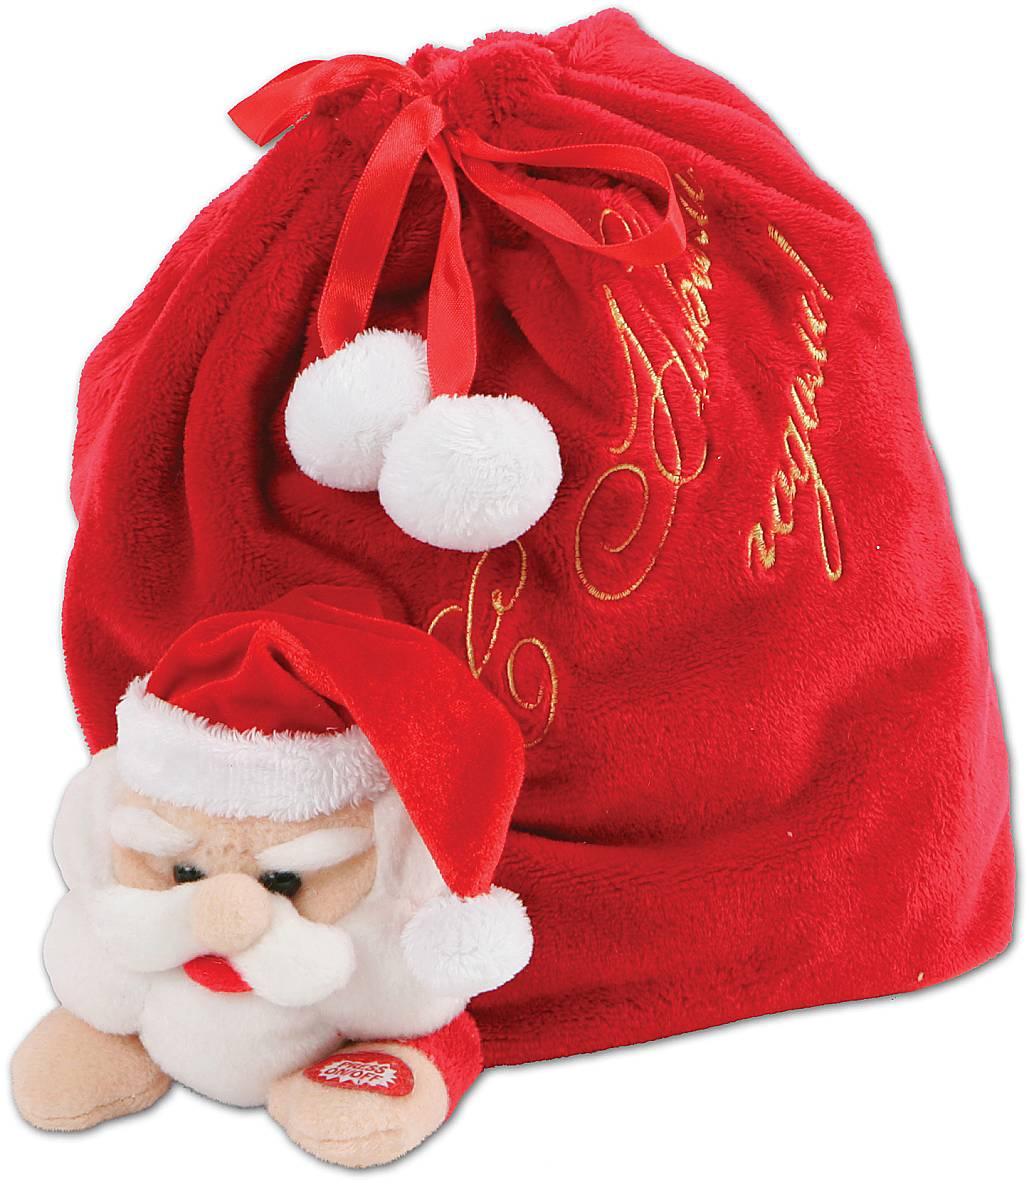 Мешок для подарков Mister Christmas С Новым годом, длина 22 смSS-76/1Купили новогодний подарок, но не знаете, как его упаковать? Оригинальной упаковкой станет новогодний музыкальный мешок для подарков Mister Christmas С Новым годом. Он уже выглядит как подарок благодаря своей функциональности. Он представляет собой композицию: Дед Мороз, который несет огромный мешок с подарками. А если пожать руку Дедушке Морозу, то он начнет издавать забавные звуки. Музыкальный мешок сделан из качественного мягкого текстиля красного цвета, очень приятного на ощупь. Закрывается при помощи атласных тесемок, украшенных белыми пушистыми помпонами. Он напоминает плюшевую игрушку. Новогодний музыкальный мешок для подарков Mister Christmas подойдет для упаковки небольших символических или весьма дорогих сюрпризов. Получить подарок в такой уникальной и модной упаковке будет приятно как детям, так и взрослым. Никто не останется равнодушным и каждый обязательно будет тронут таким знаком внимания.